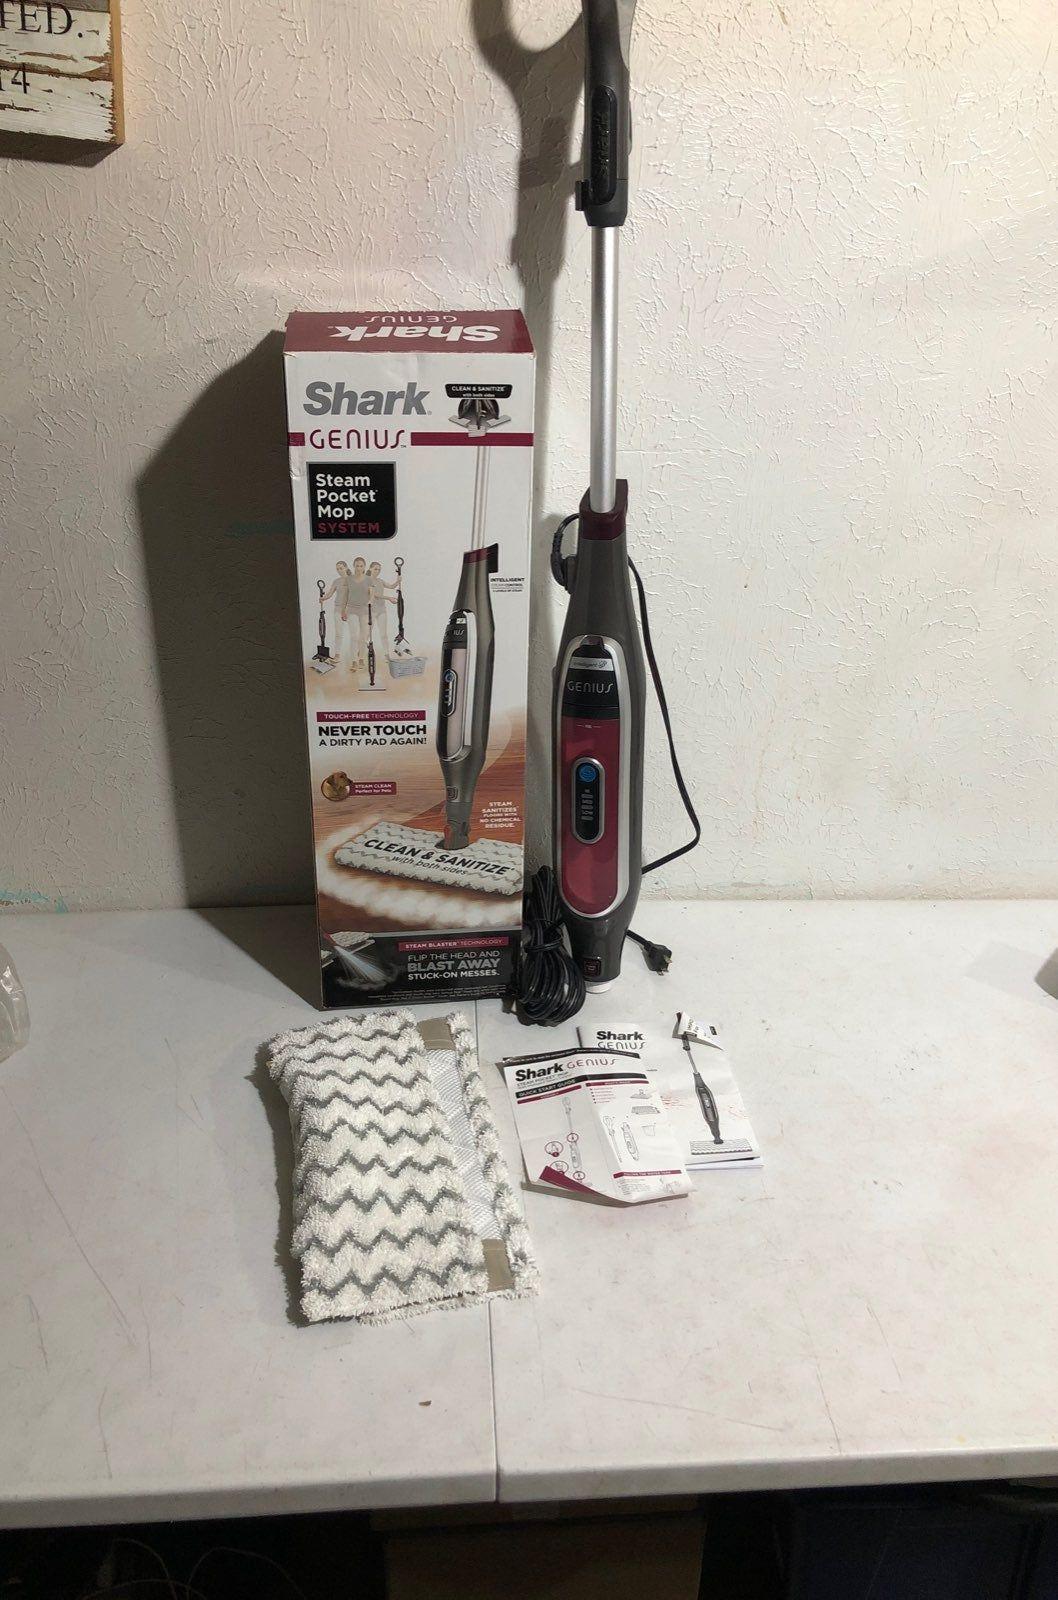 Shark genius steam pocket mop system. Brand new, missing